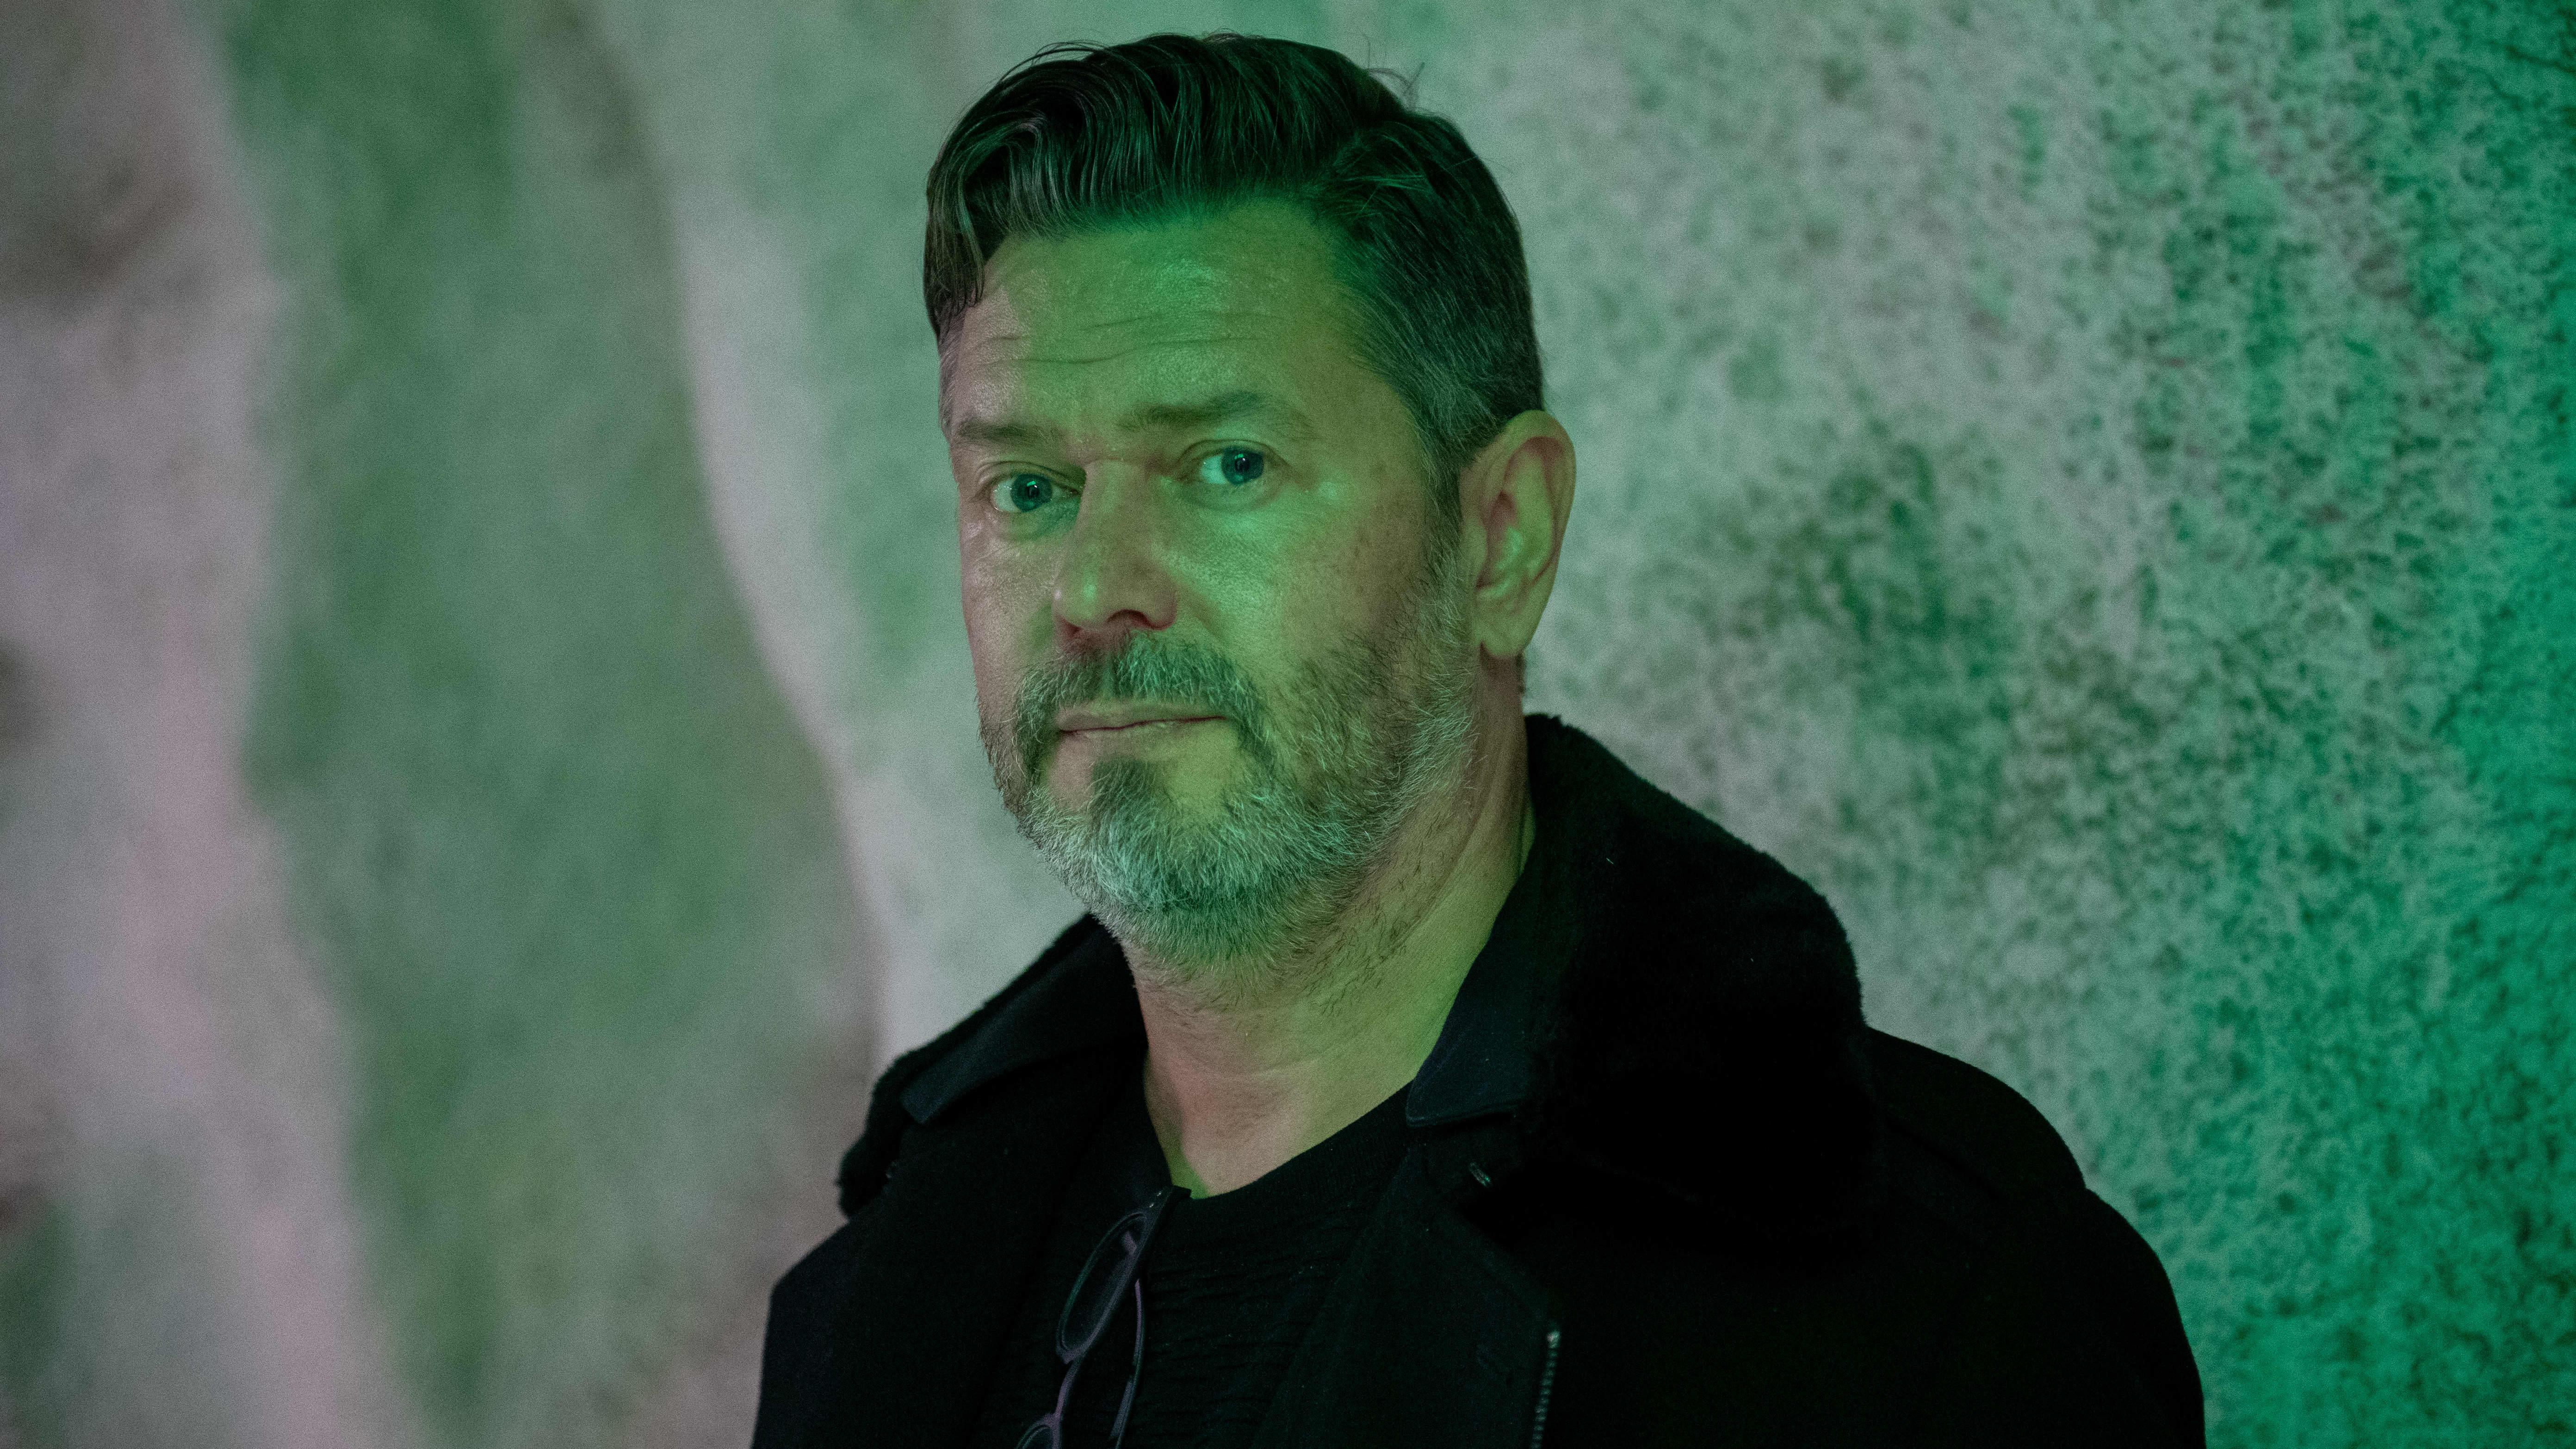 Videopeli musiikki säveltäjä Petri Alanko.